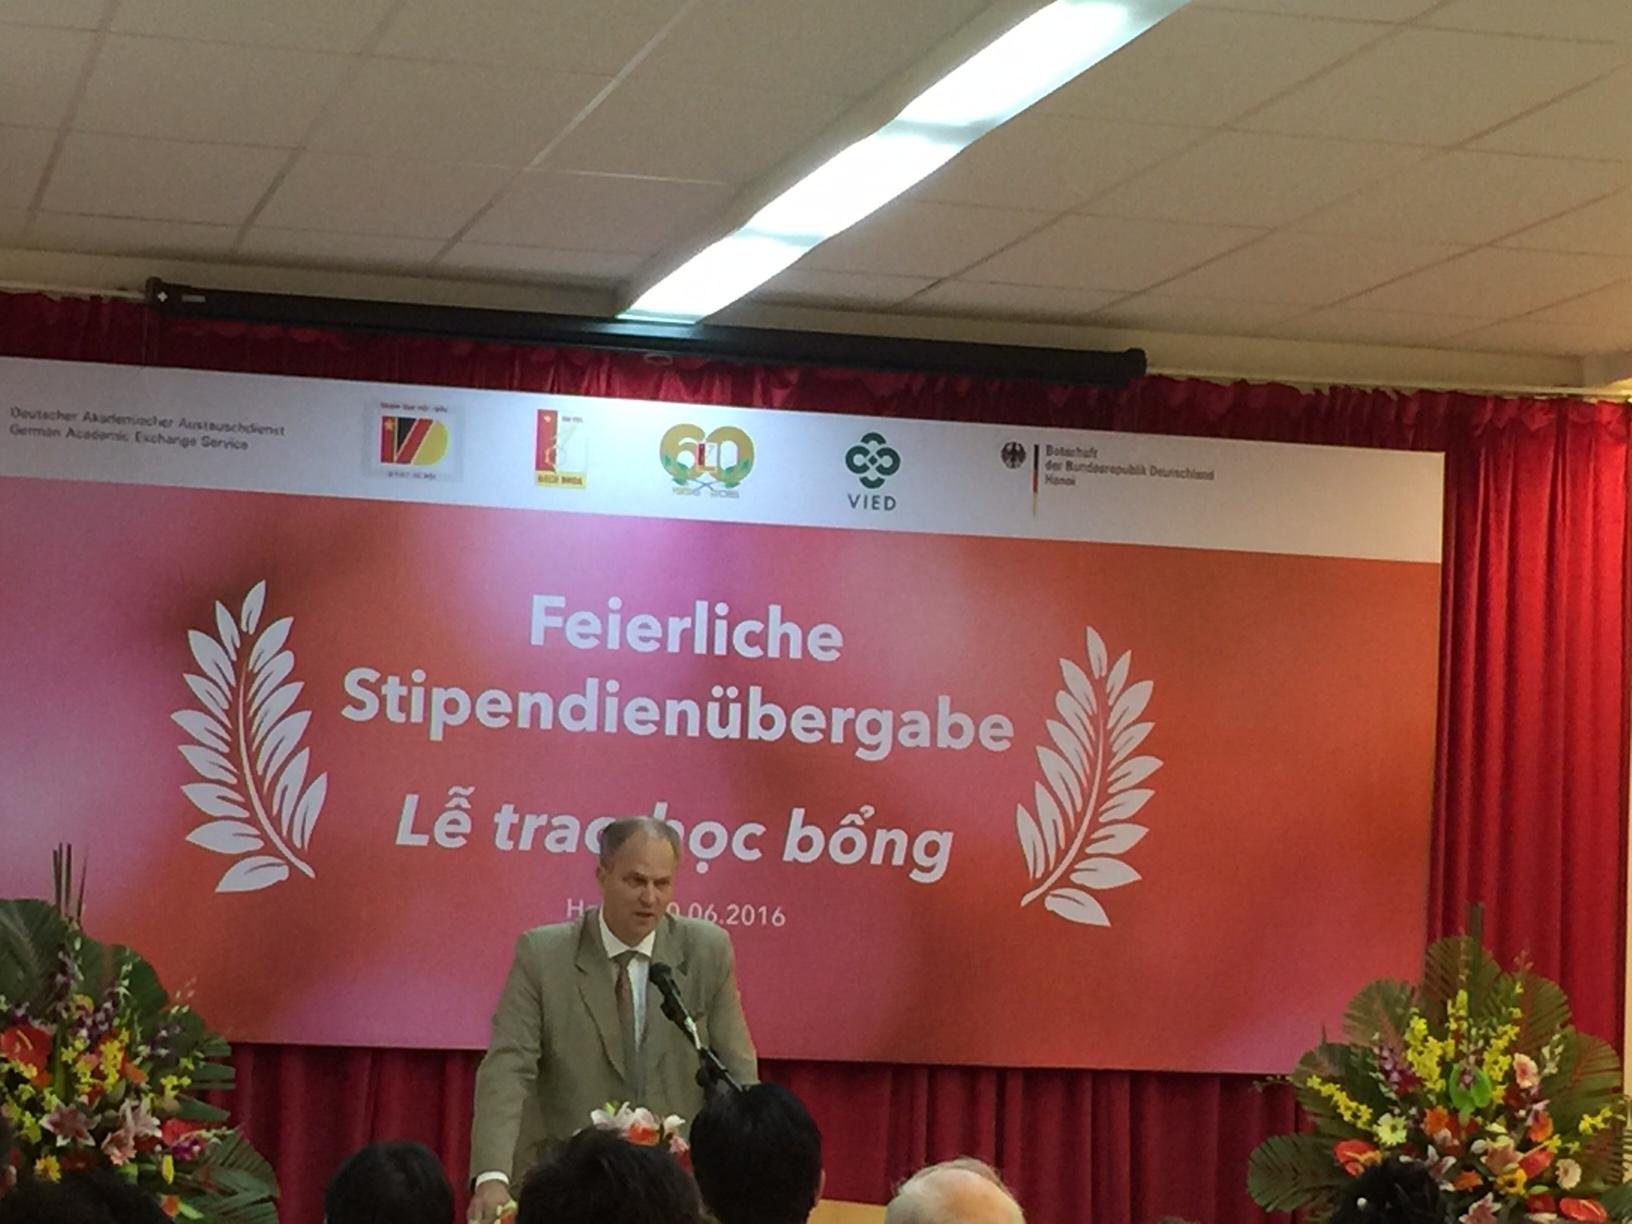 Đại sứ Đức tại Việt Nam Christian Berger phát biểu tại lễ trao học bổng.